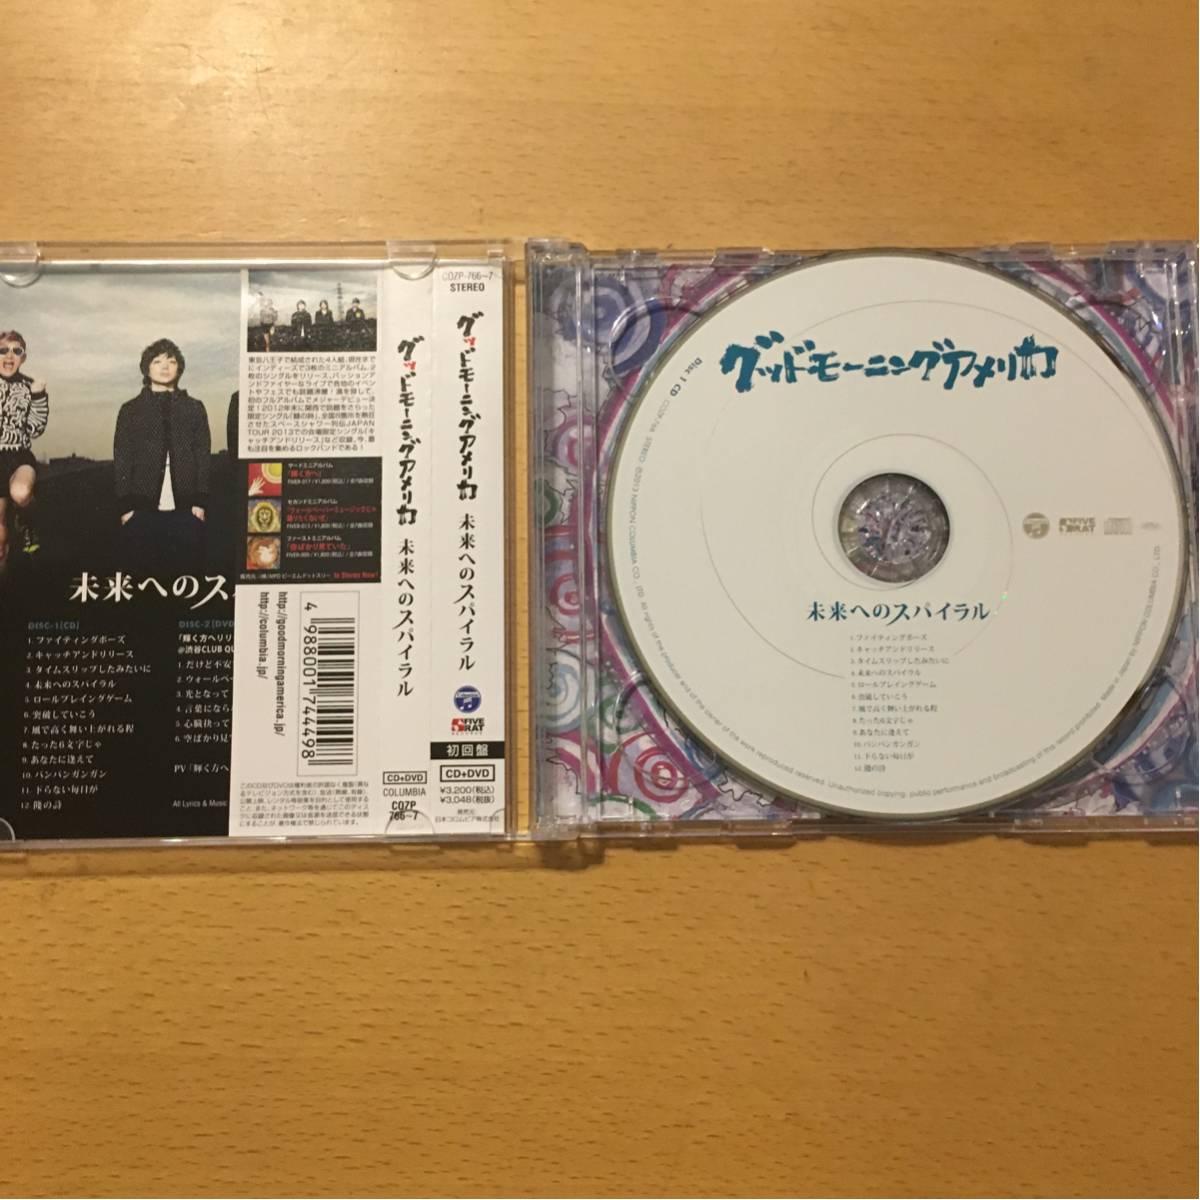 グッドモーニングアメリカ『未来へのスパイラル』初回限定盤CD+DVD☆帯付☆美品☆アルバム☆82_画像2